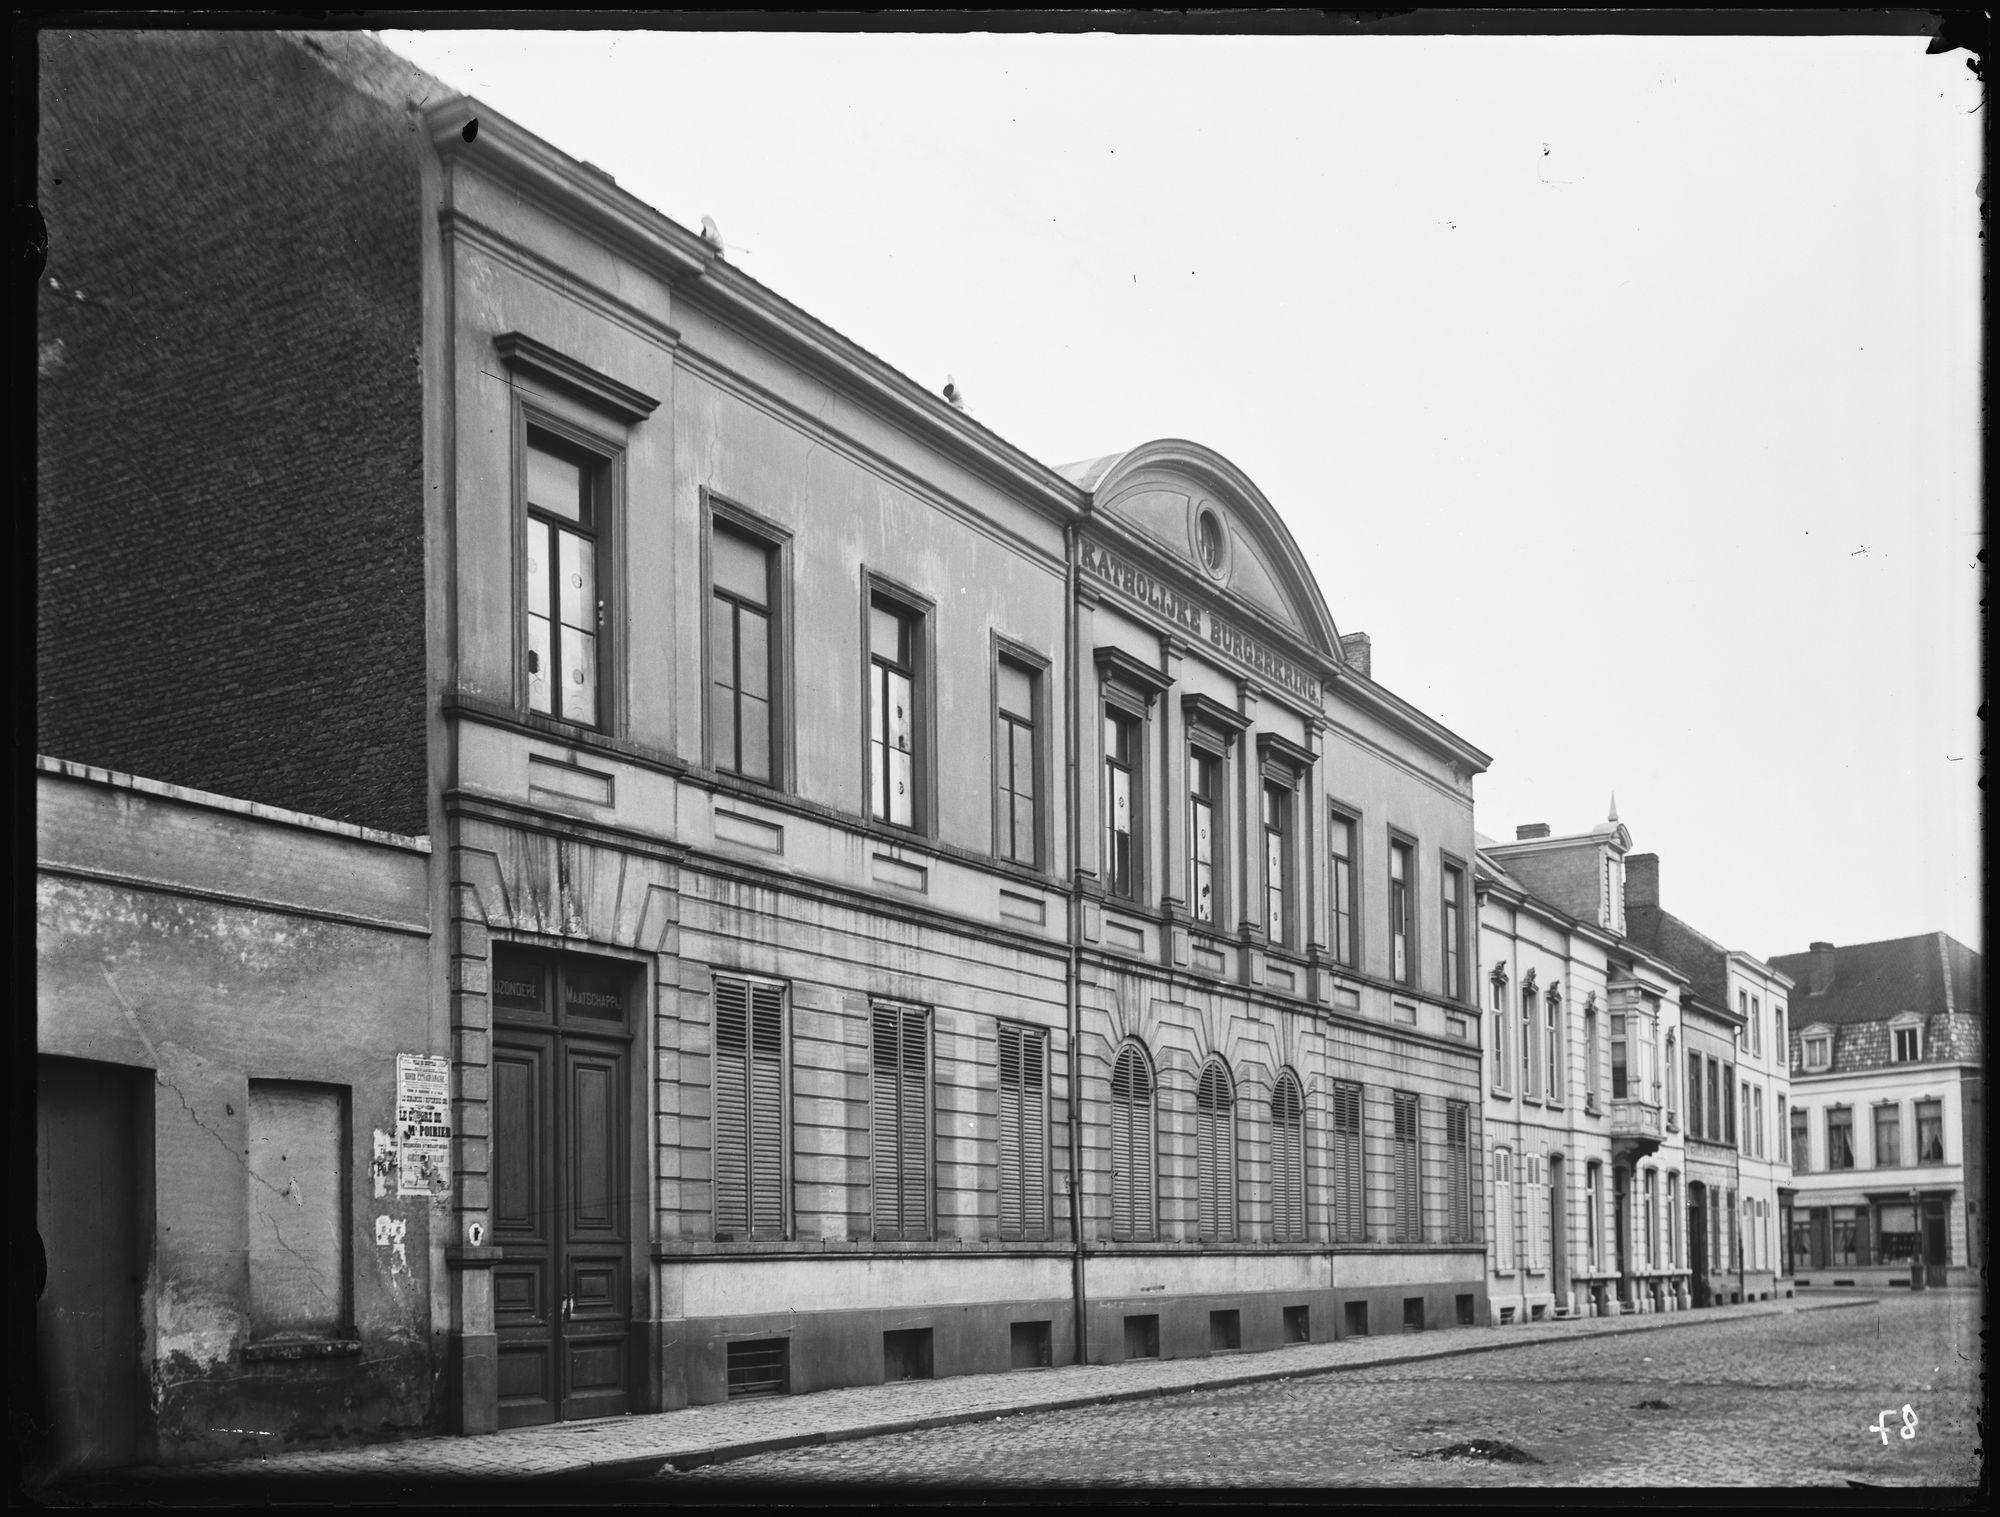 Burgemeester Nolfstraat